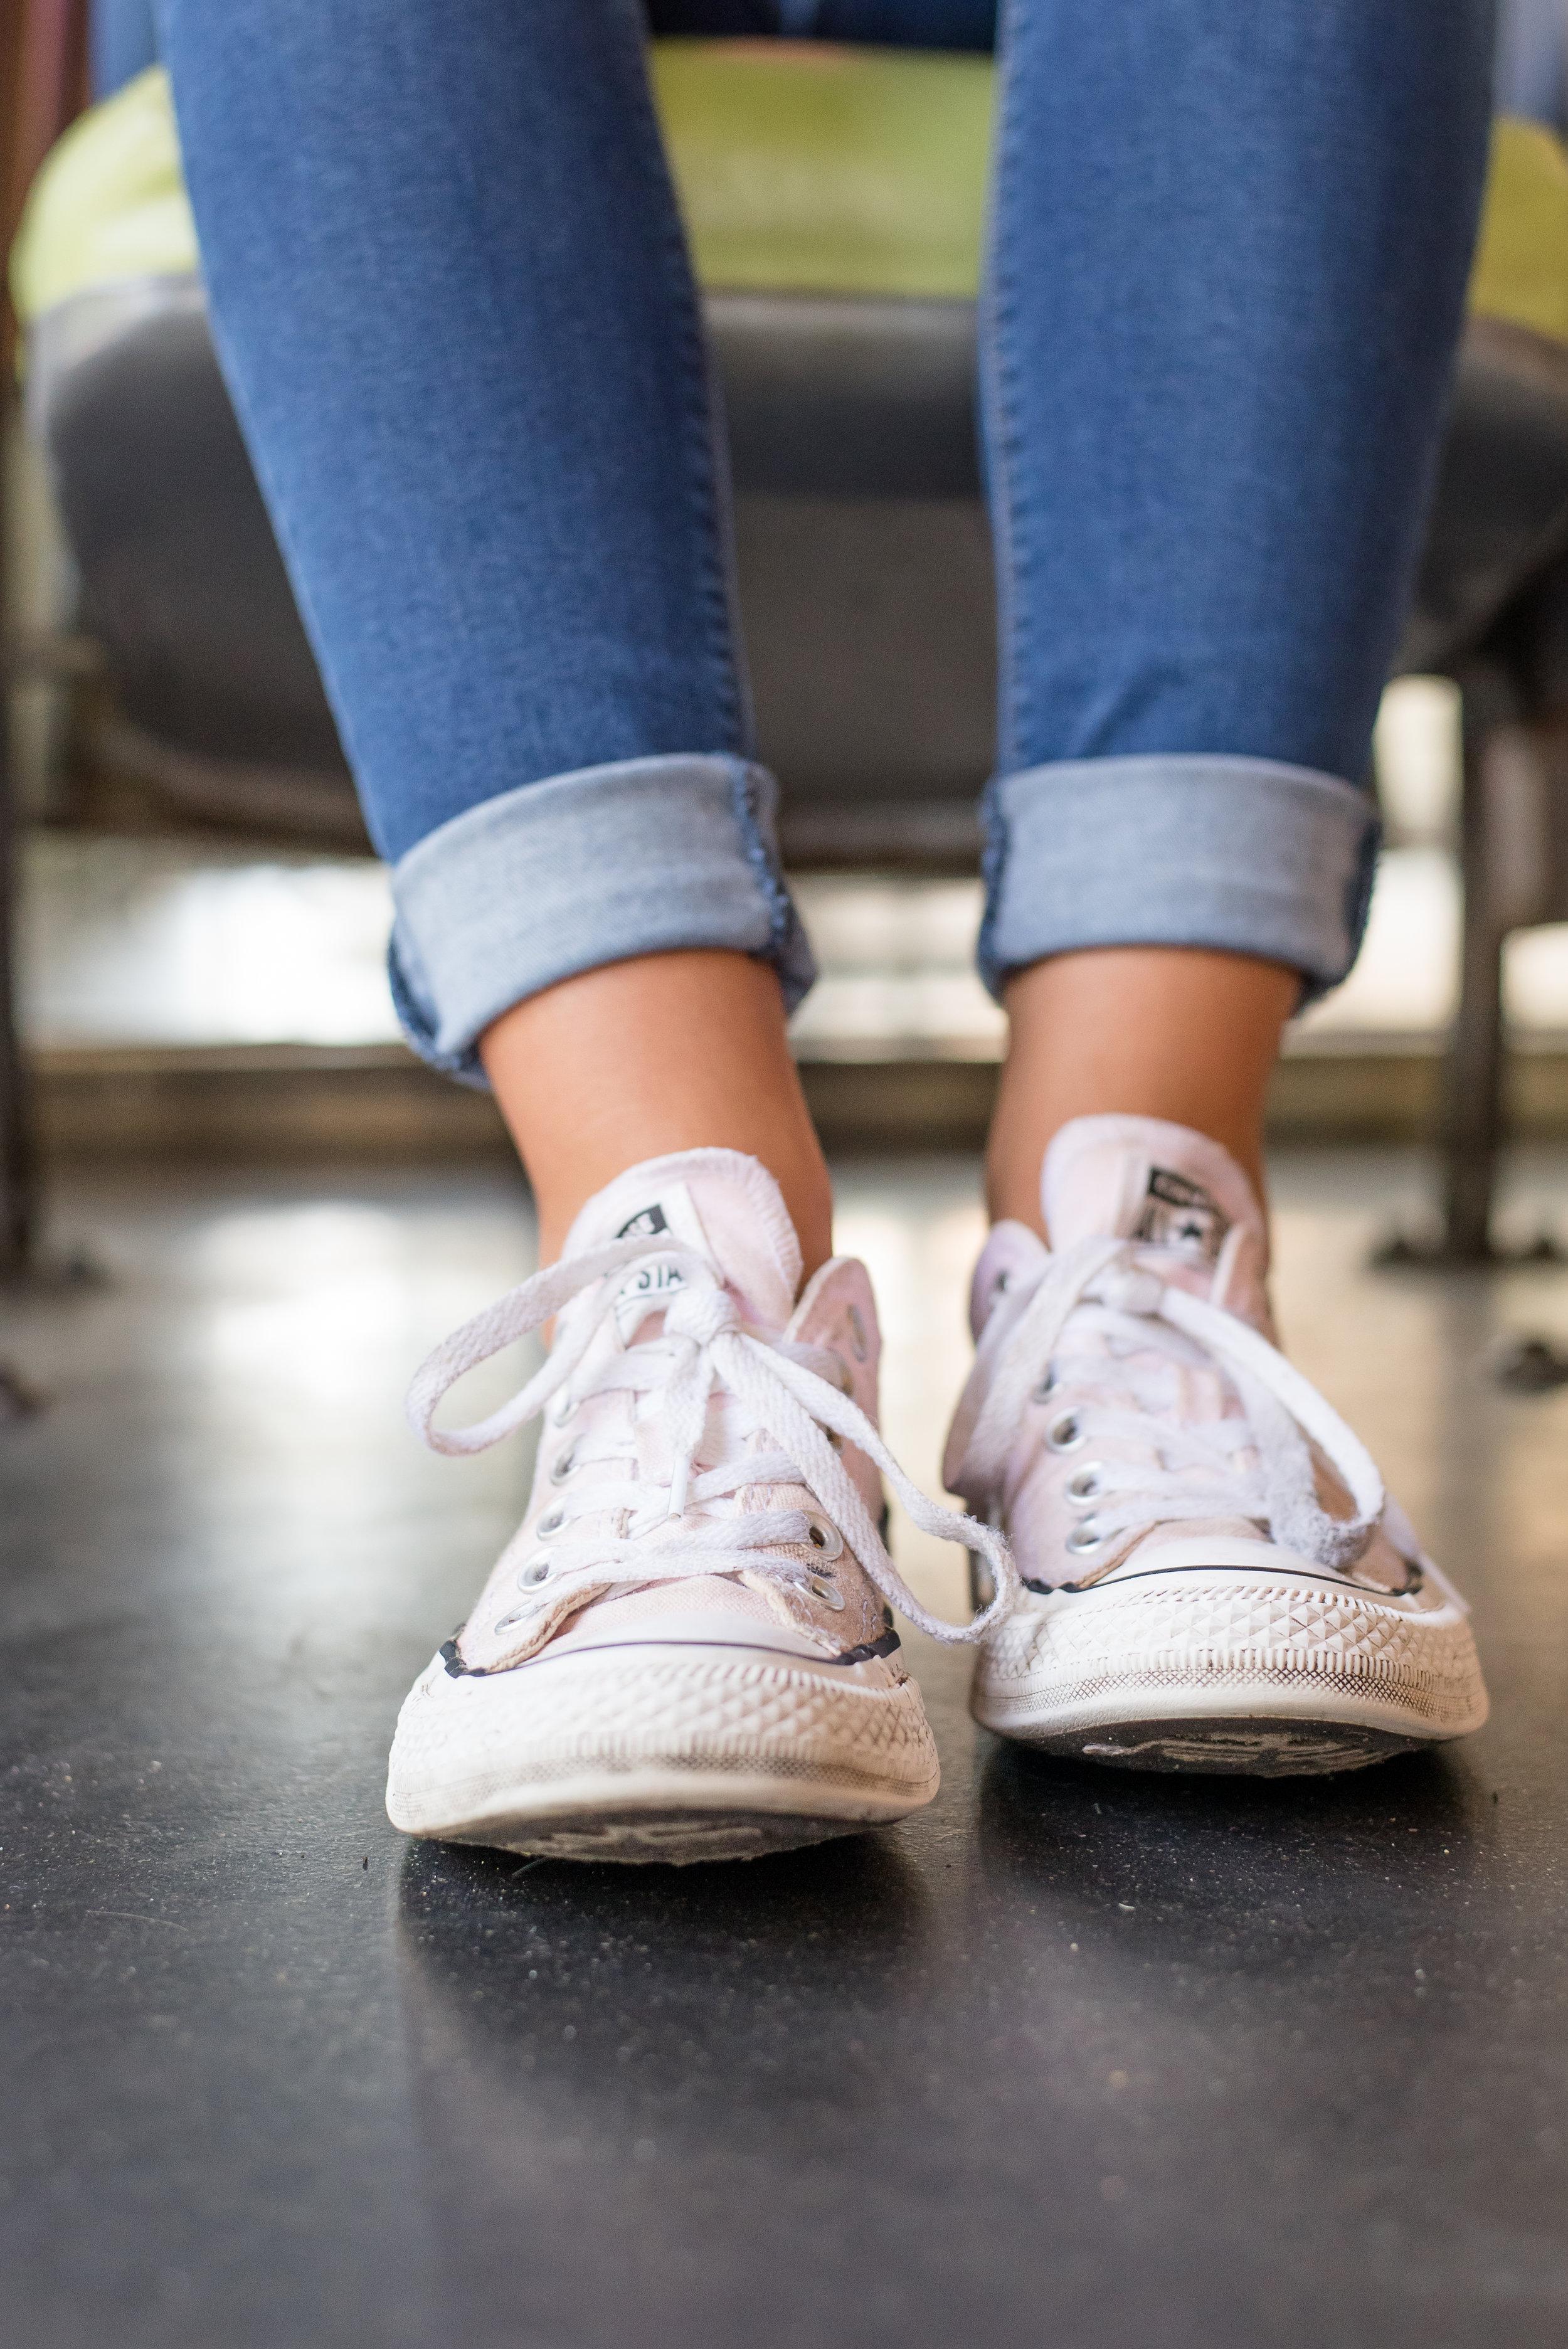 Employee_Spotlight_Sneakers.jpg